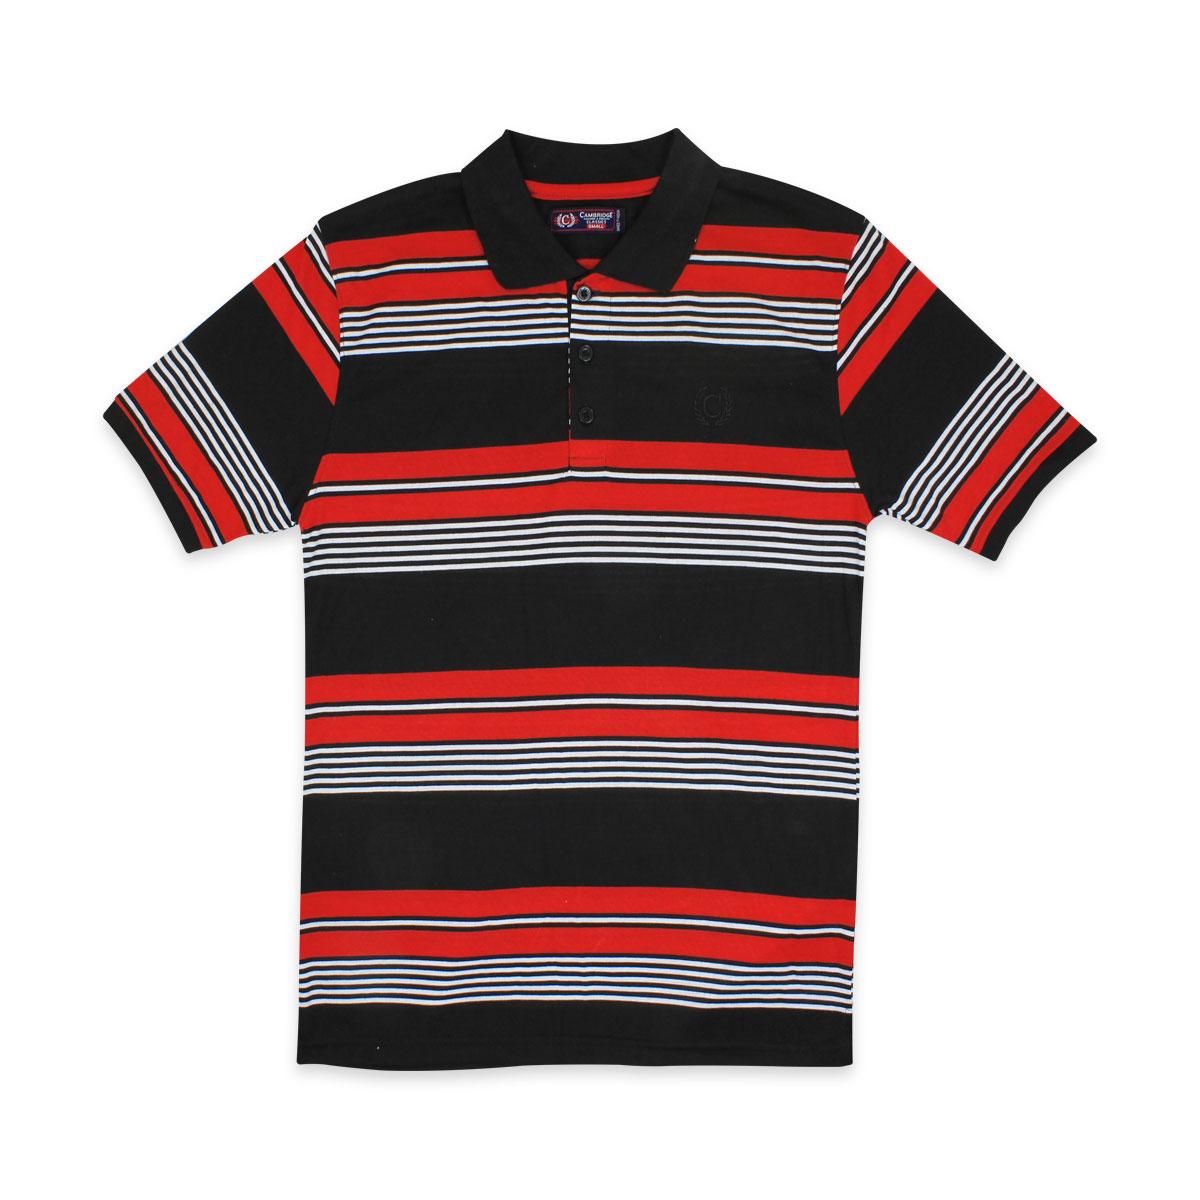 Camisas-Polo-Para-Hombre-A-Rayas-Pique-Con-Cuello-camiseta-Camiseta-Manga-Corta-De-Verano-S-M-L-XL miniatura 46